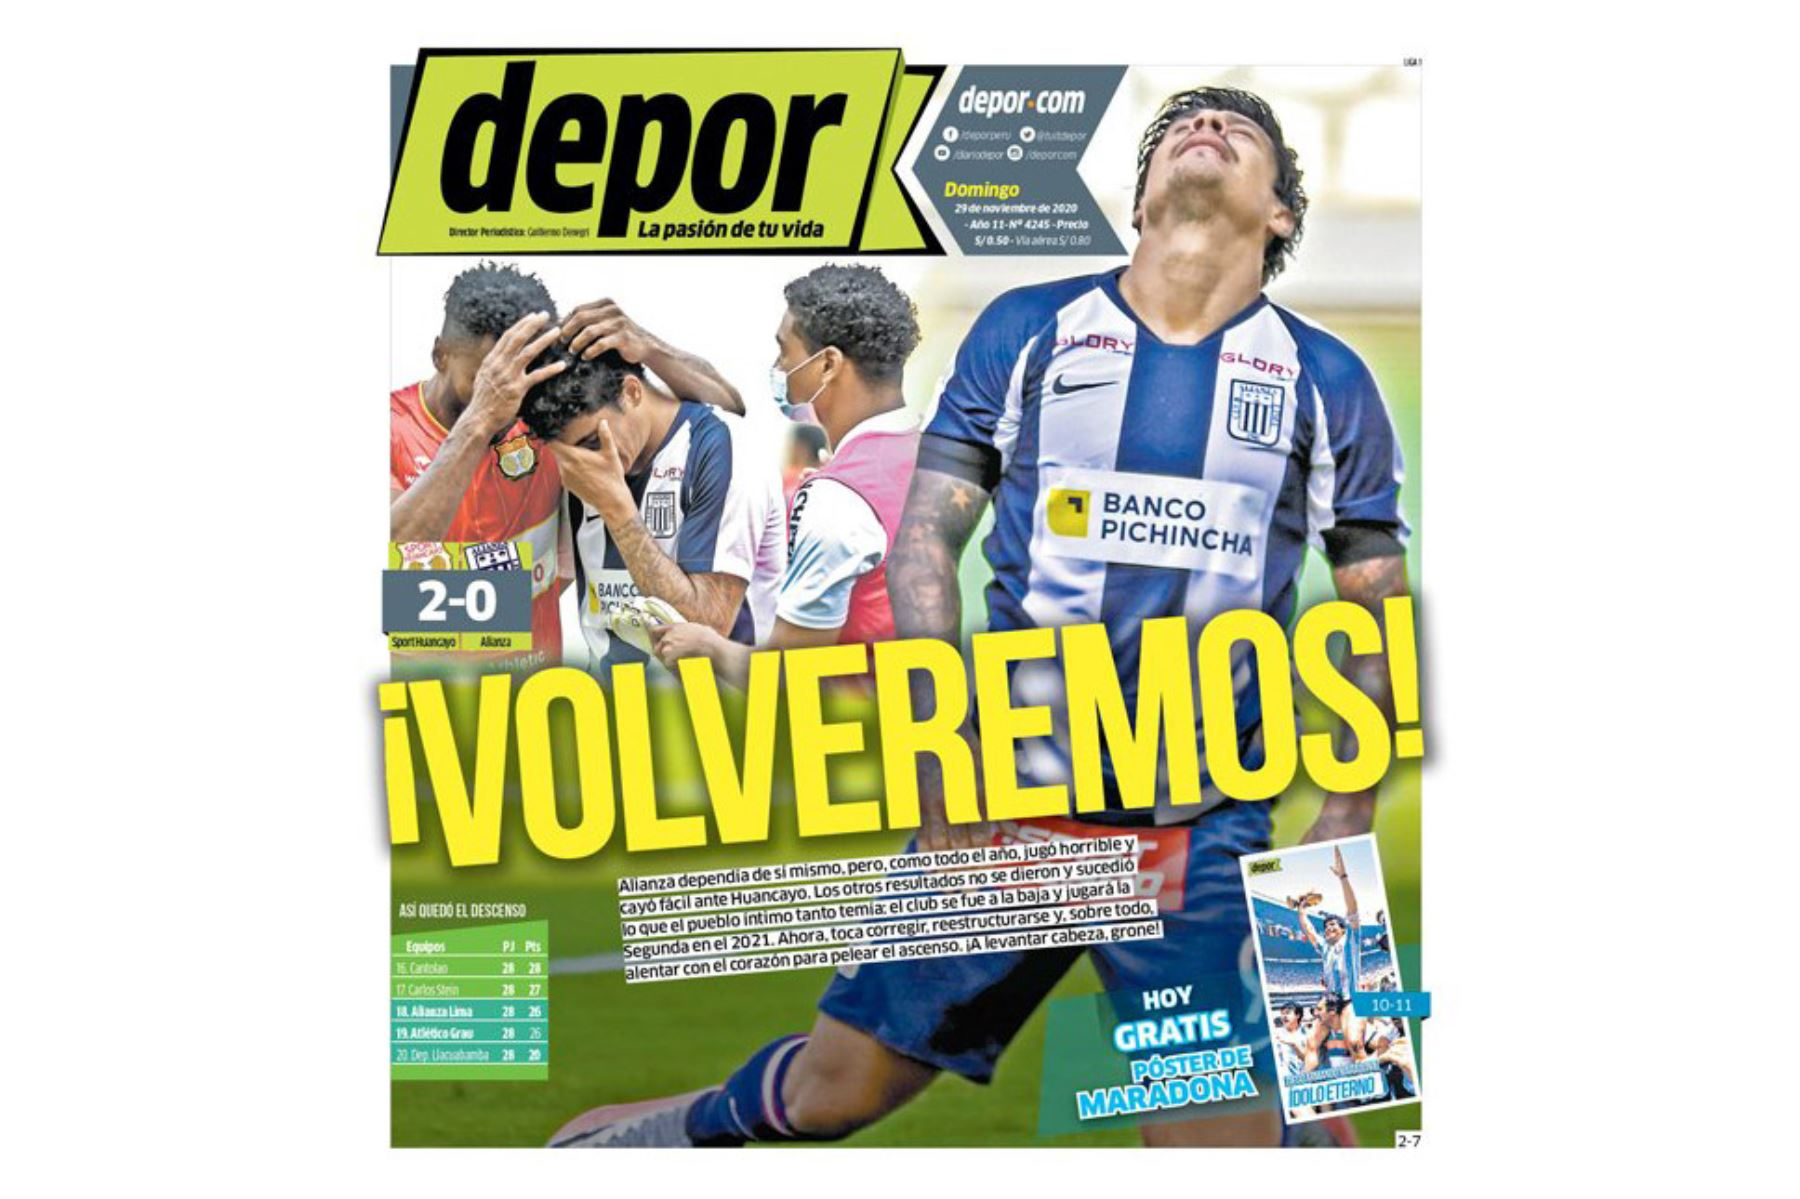 Así informaron algunos medios locales el descenso de Alianza Lima a la Segunda División. Depor. Foto: Difusión